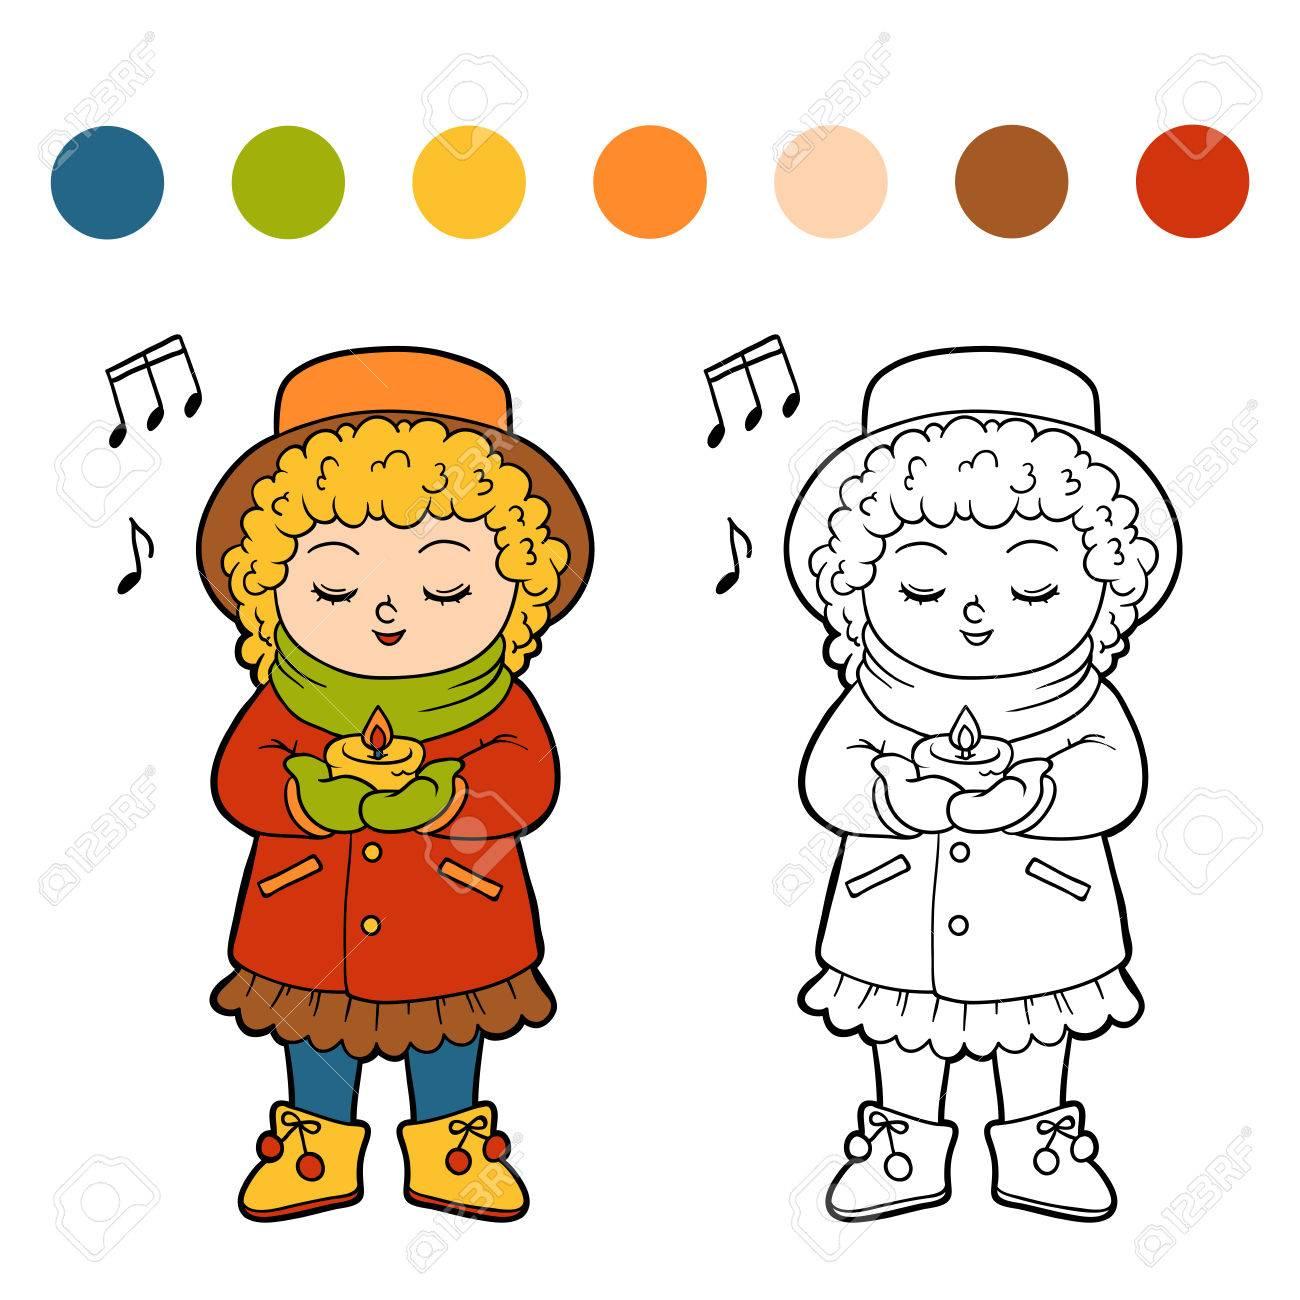 Dibujo Para Colorear Para Niños, Chica Cantando Una Canción De ...